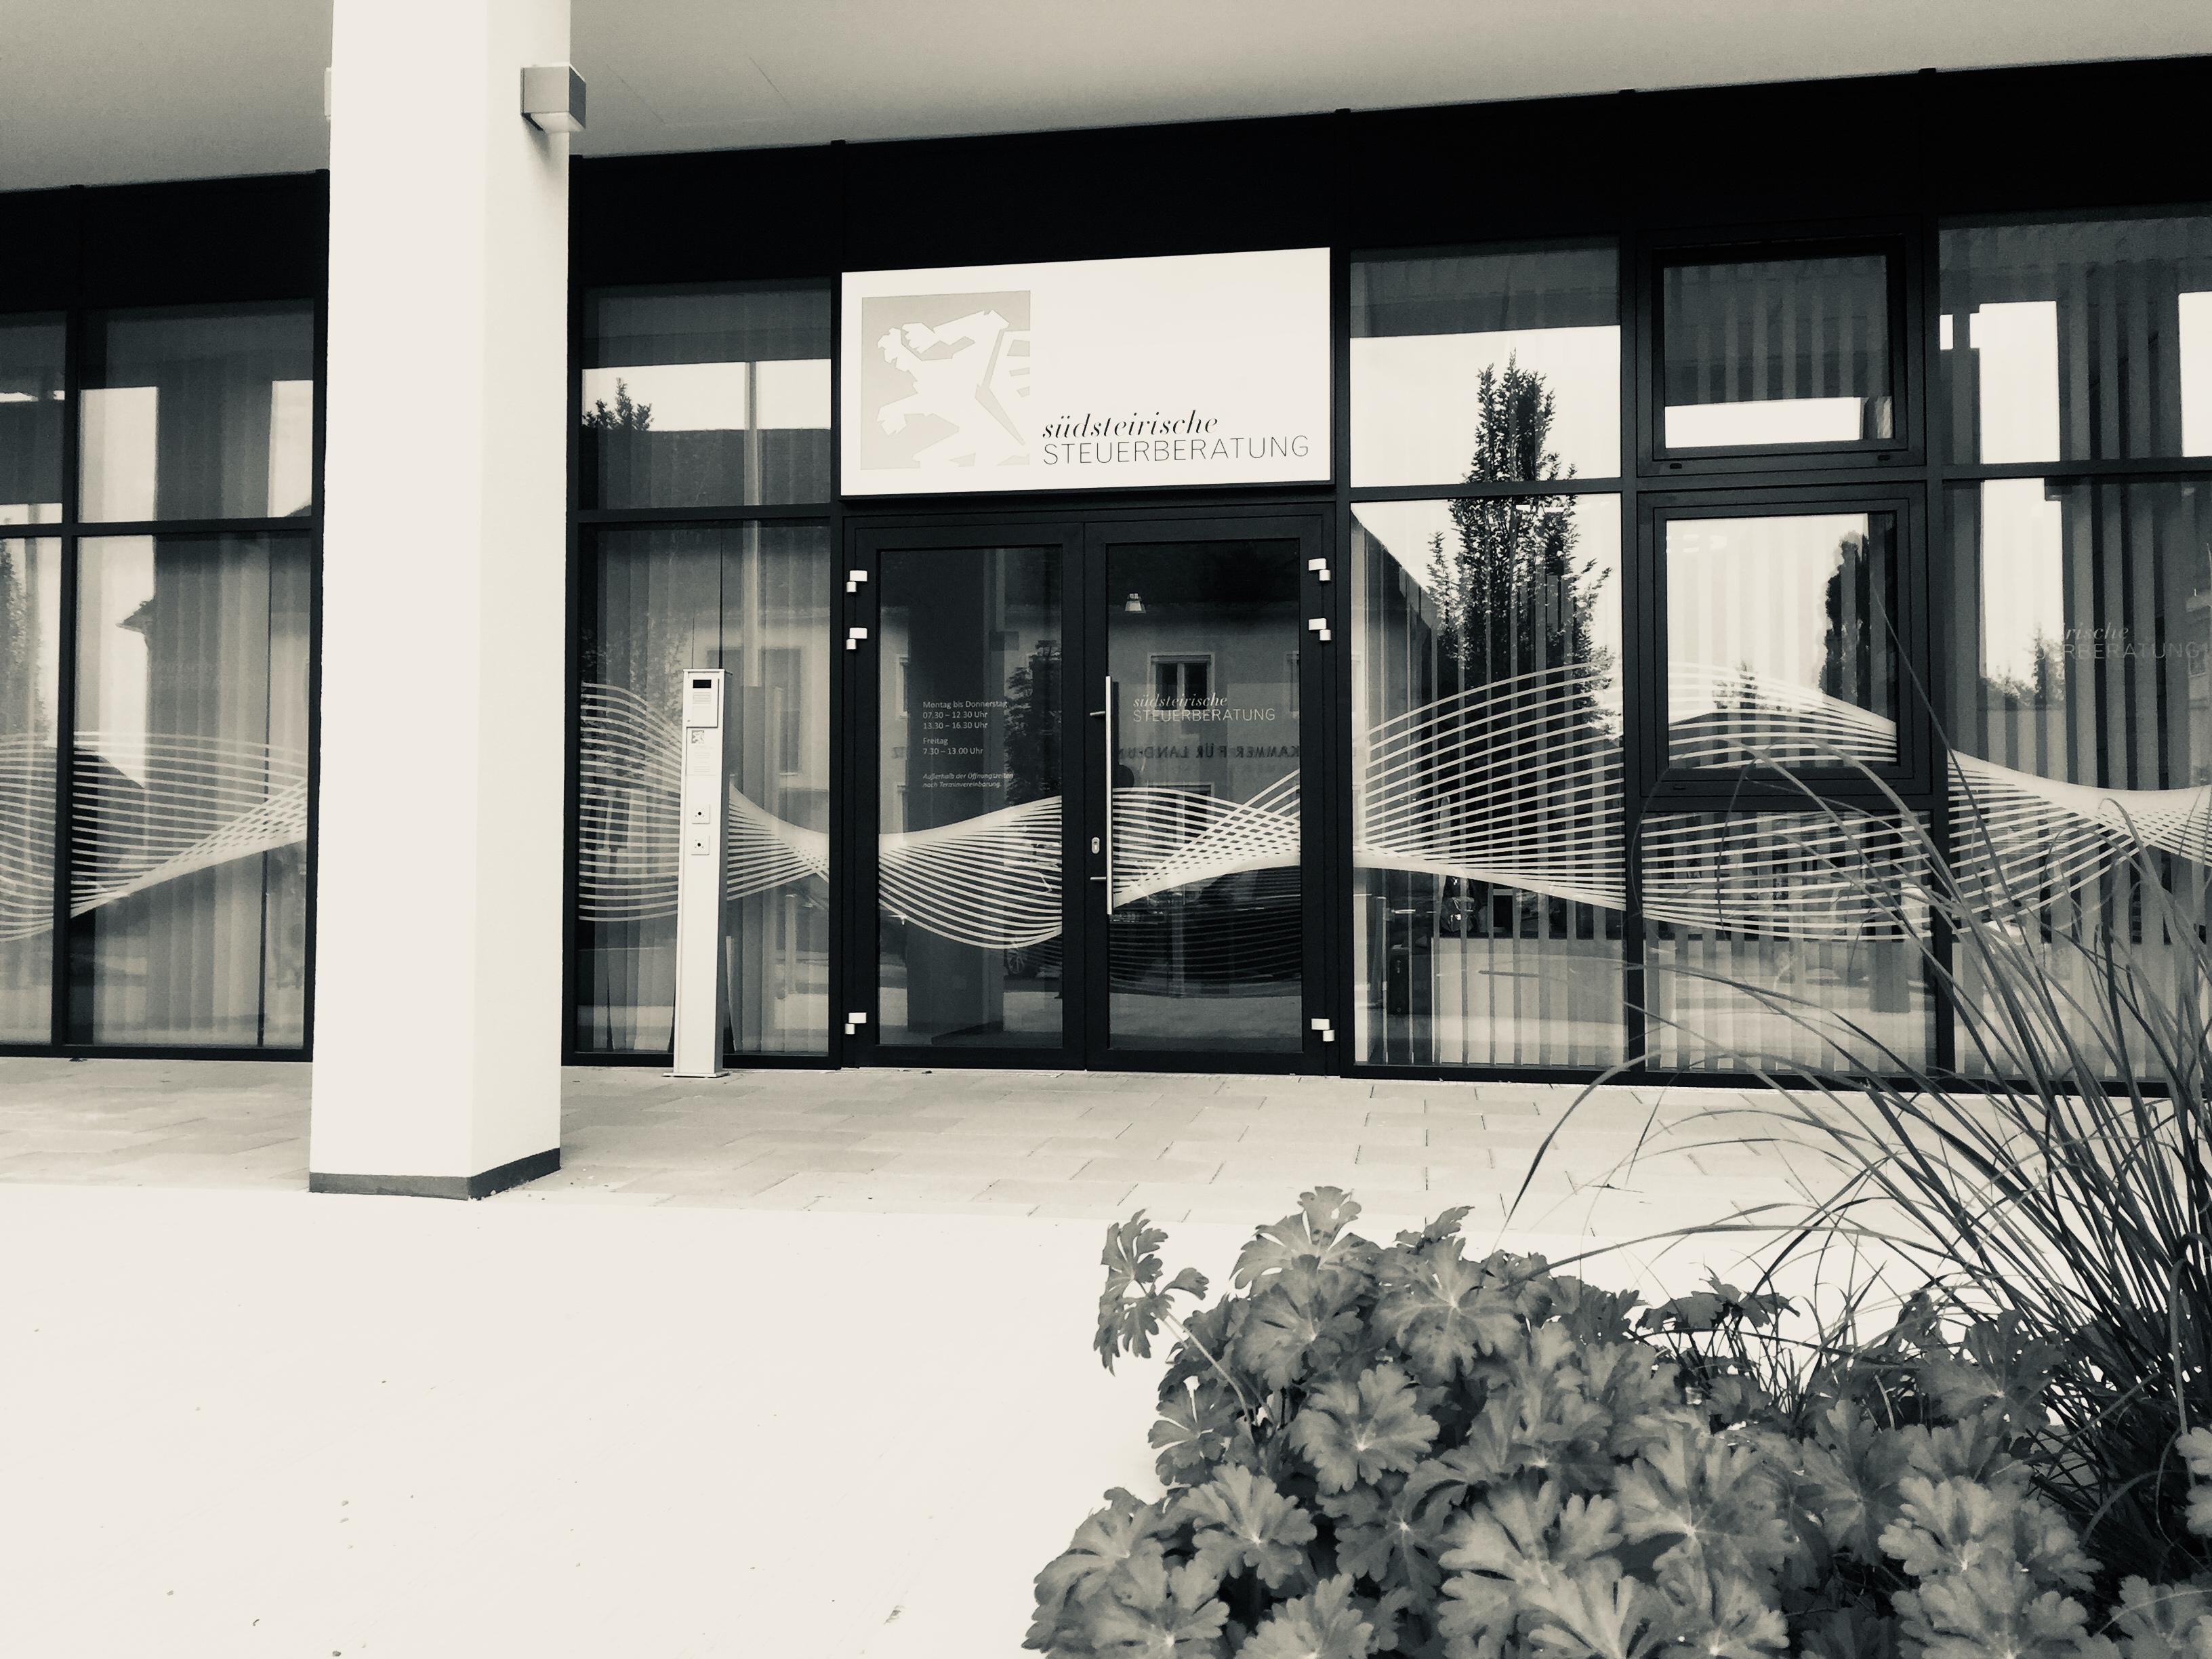 Südsteirische Steuerberatung GmbH & Co KG